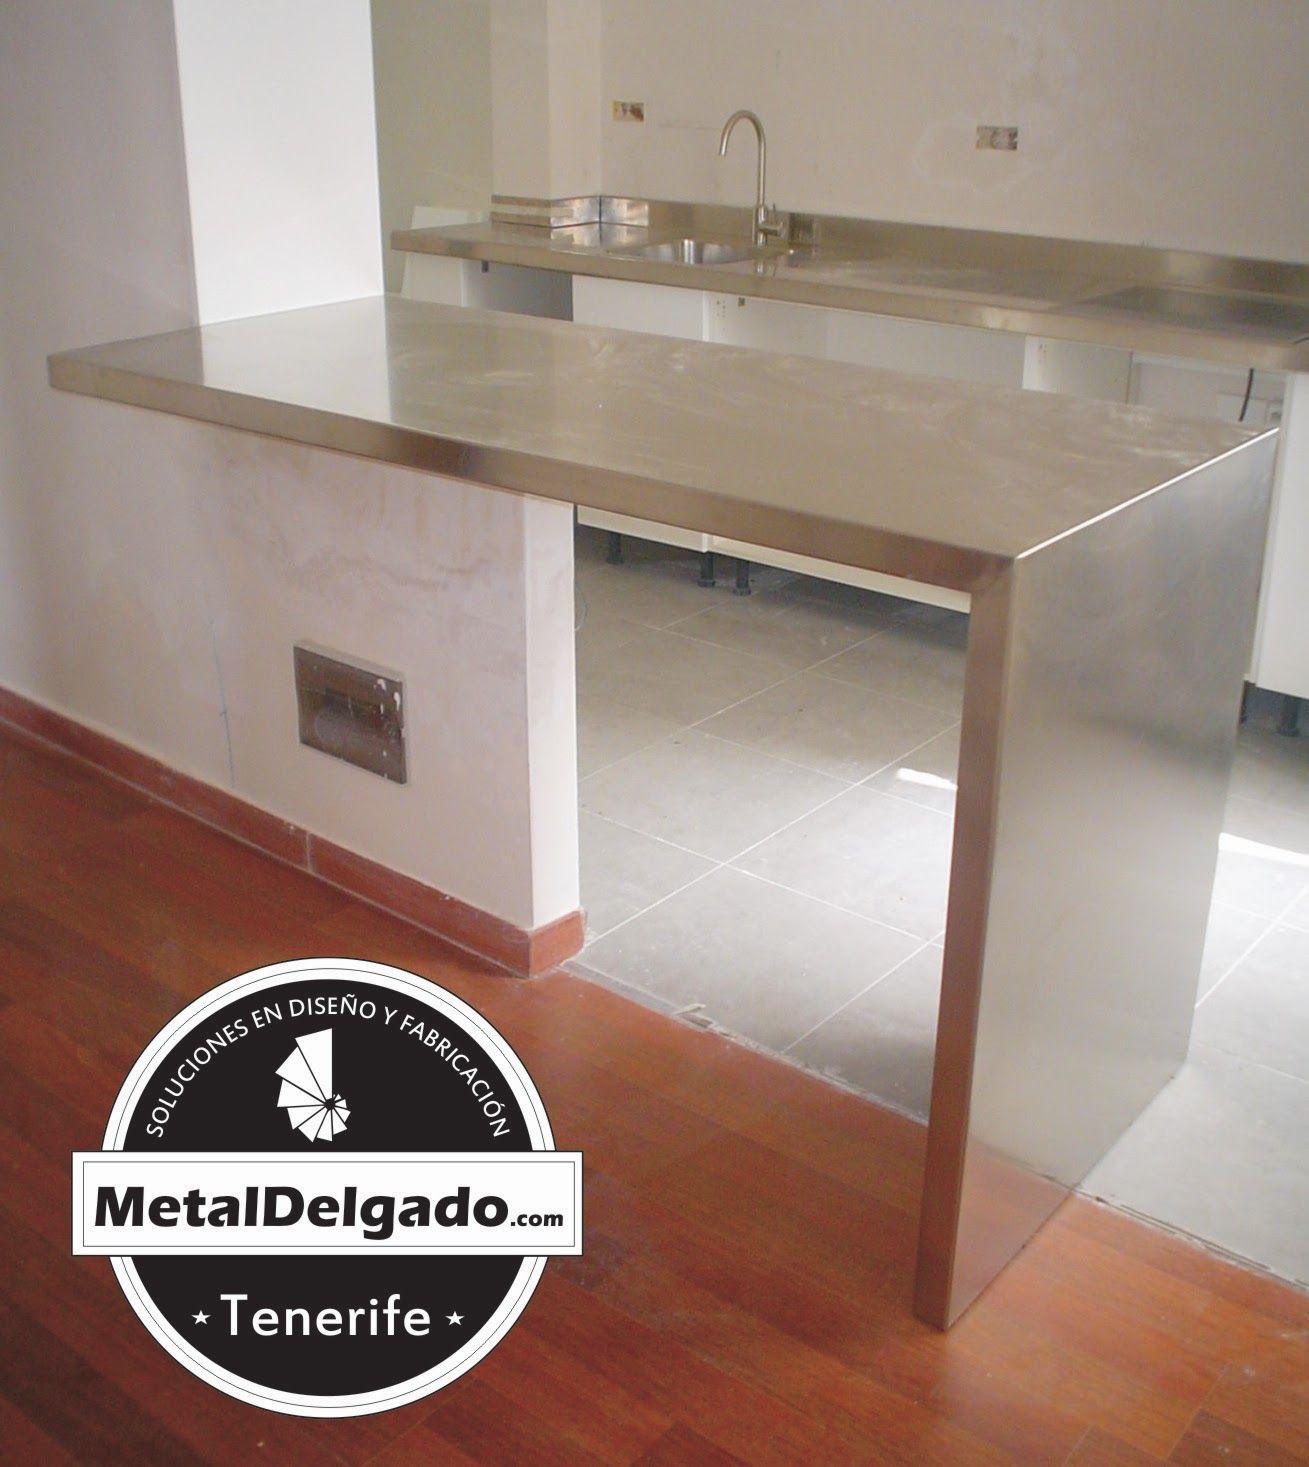 Acero inoxidable tenerife mobiliario cocinas en acero for Decoracion hogar tenerife